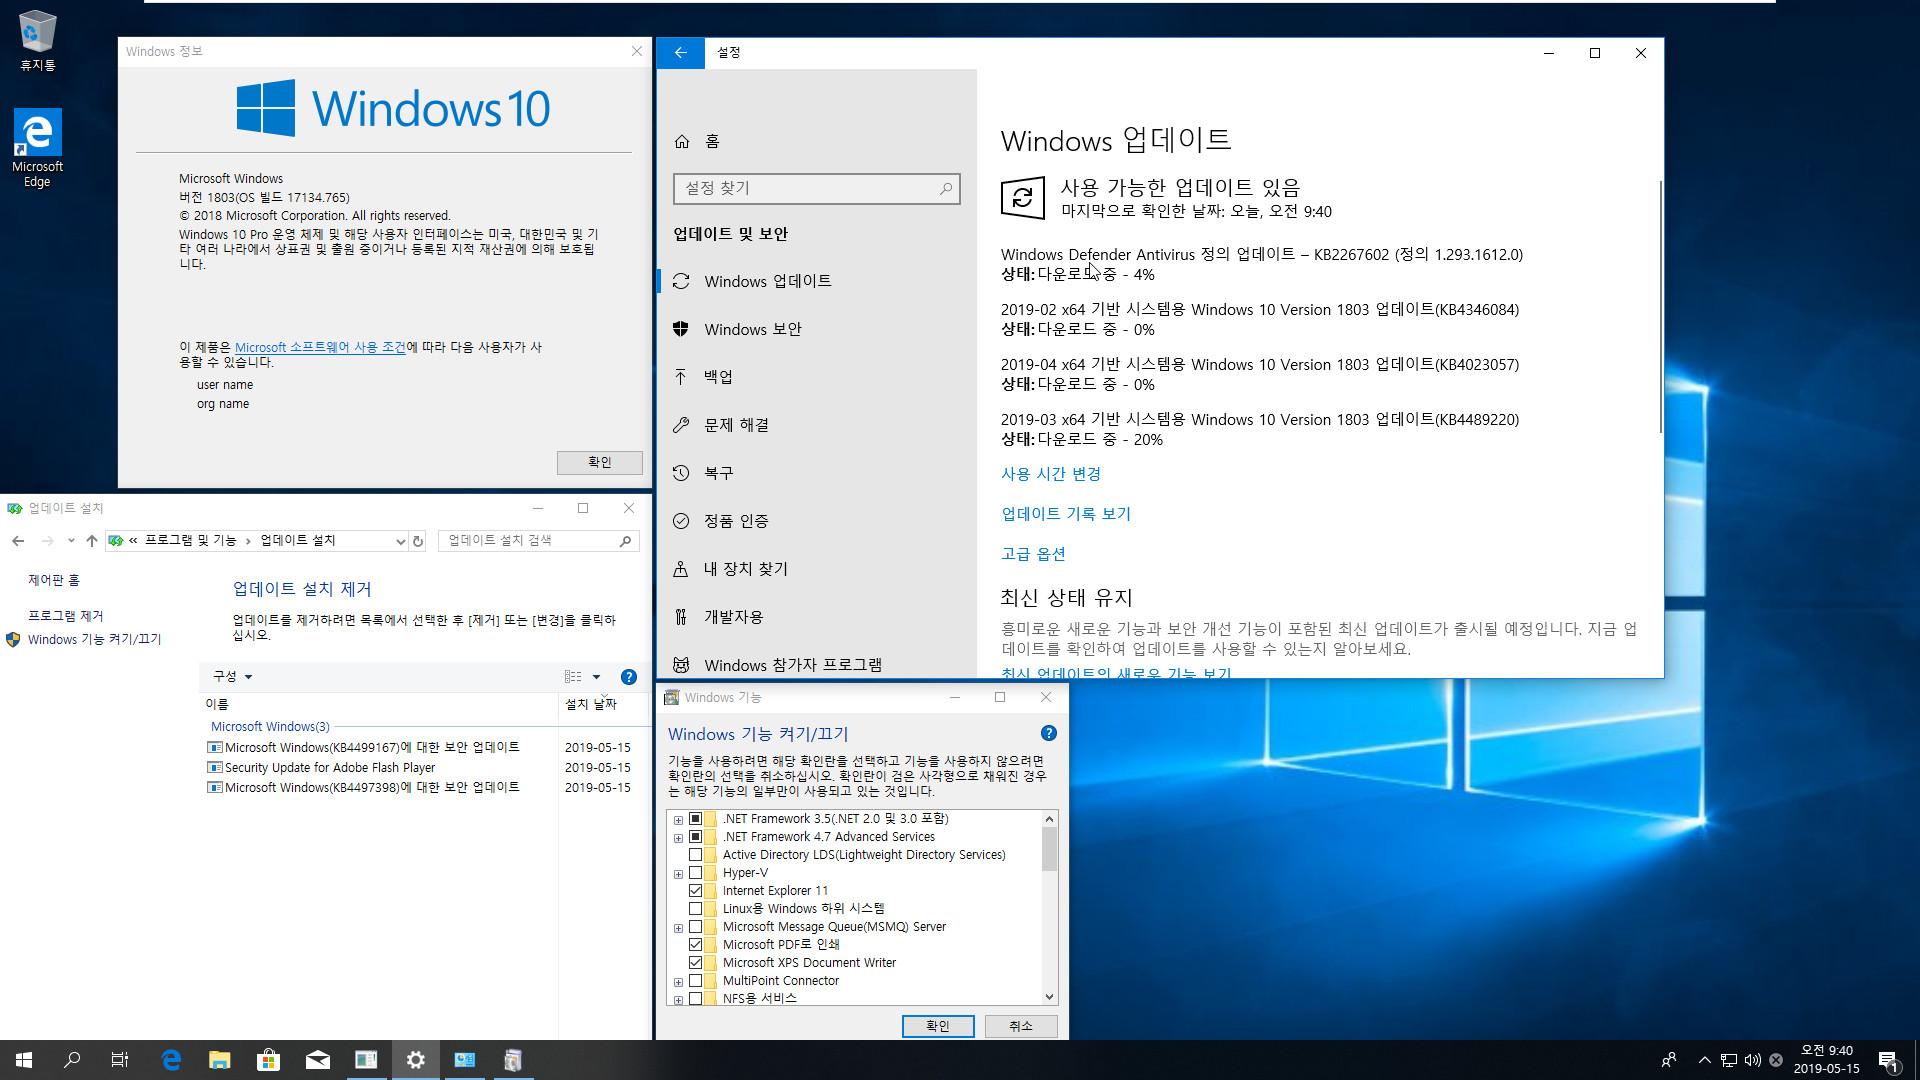 2019년 5월 15일 정기 업데이트 - Windows 10 버전 1803 누적 업데이트 KB4499167 (OS 빌드 17134.765) [2019-05-14 일자] 통합중 입니다 2019-05-15_094016.jpg